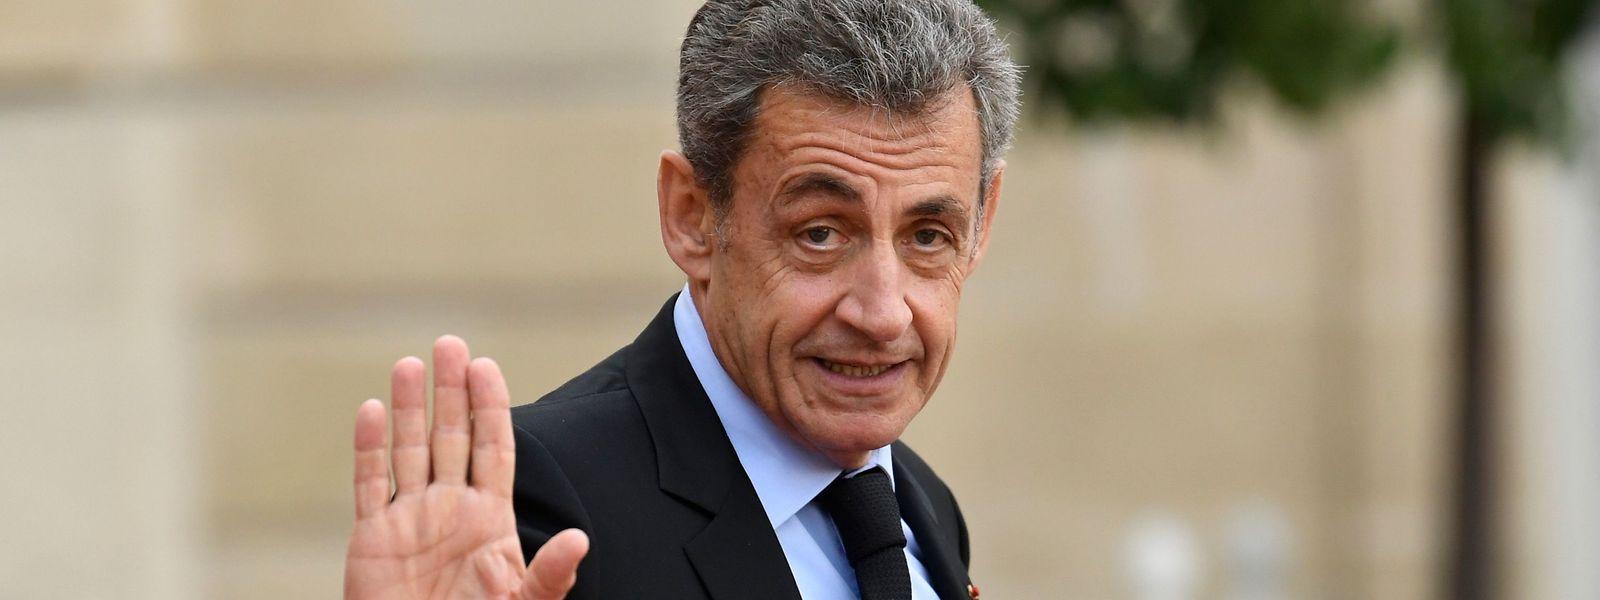 Nicolas Sarkozy war zwischen 2007 und 2012 französischer Präsident.